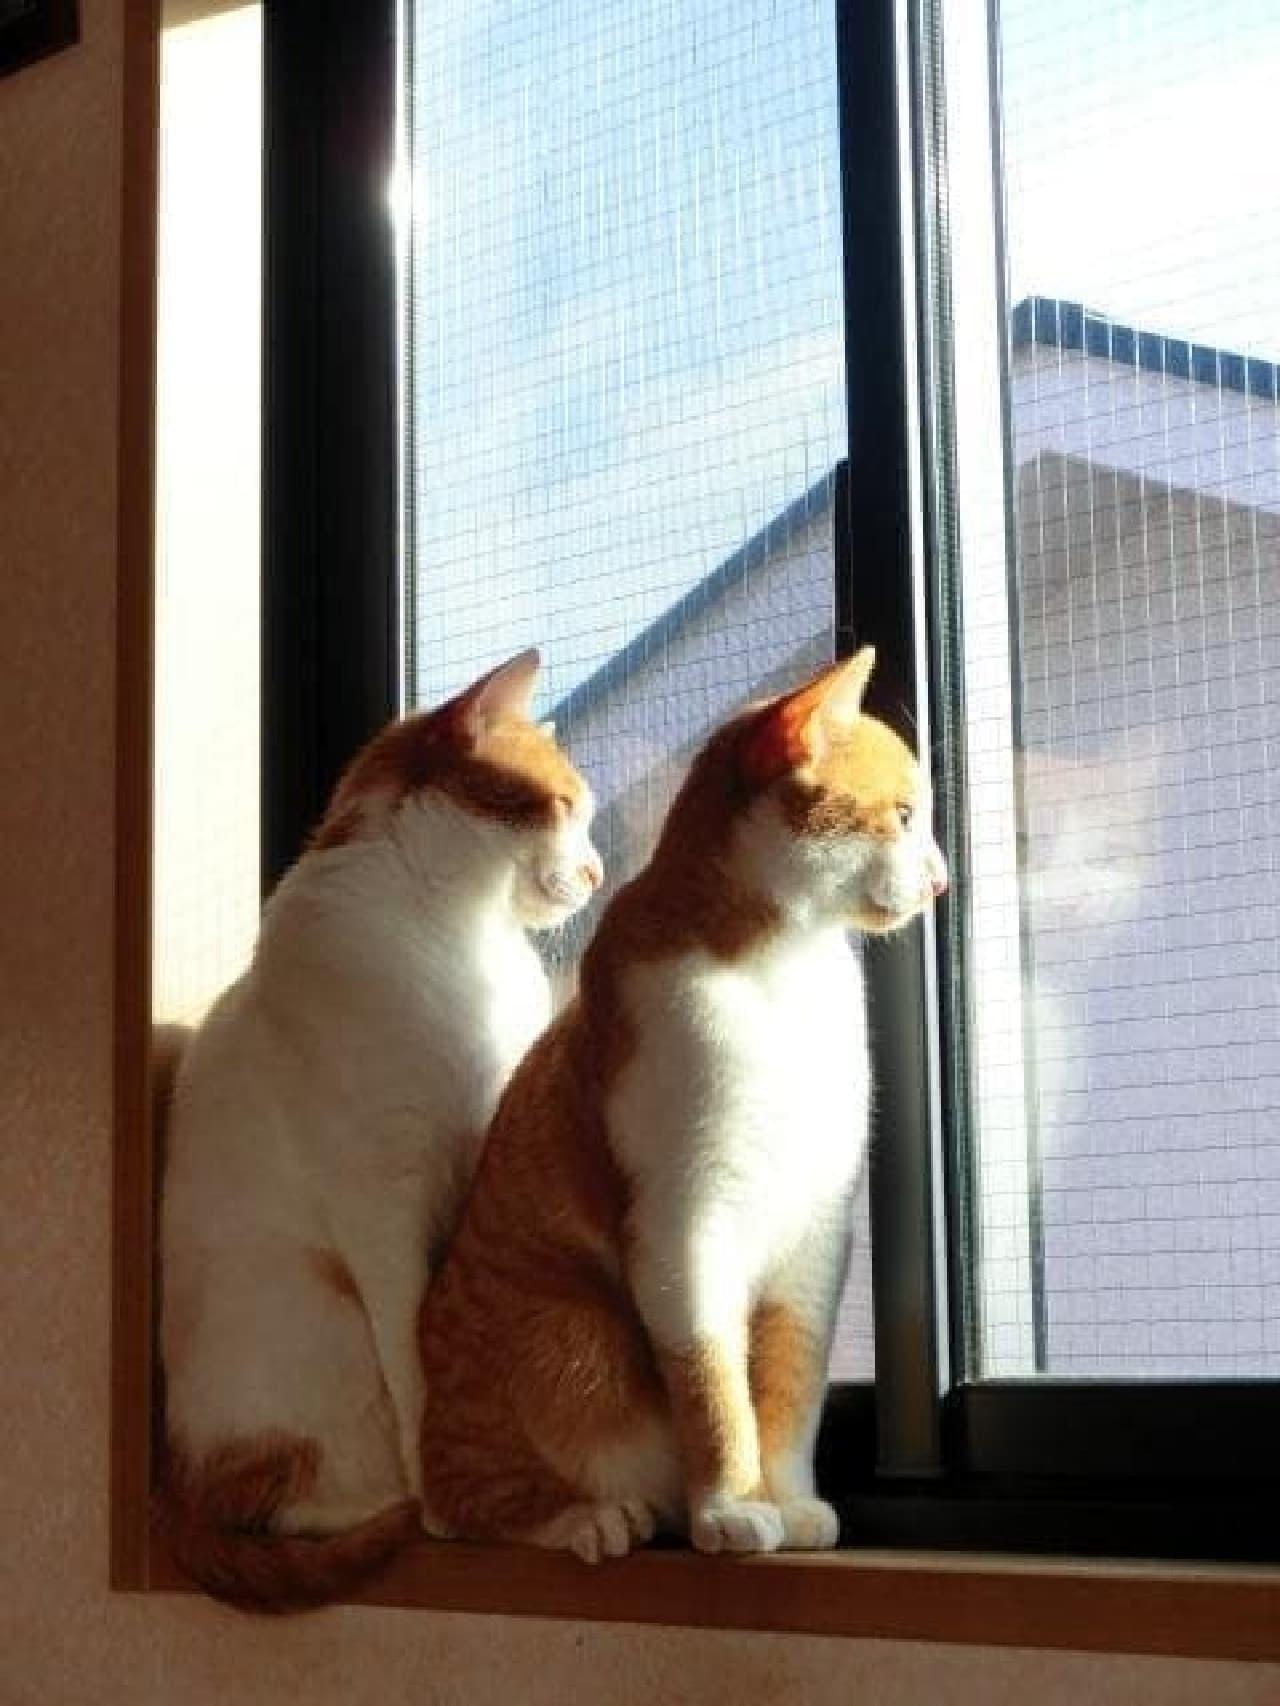 ネコ専用アパート、うらやましいニャ  (注:画像はイメージです)